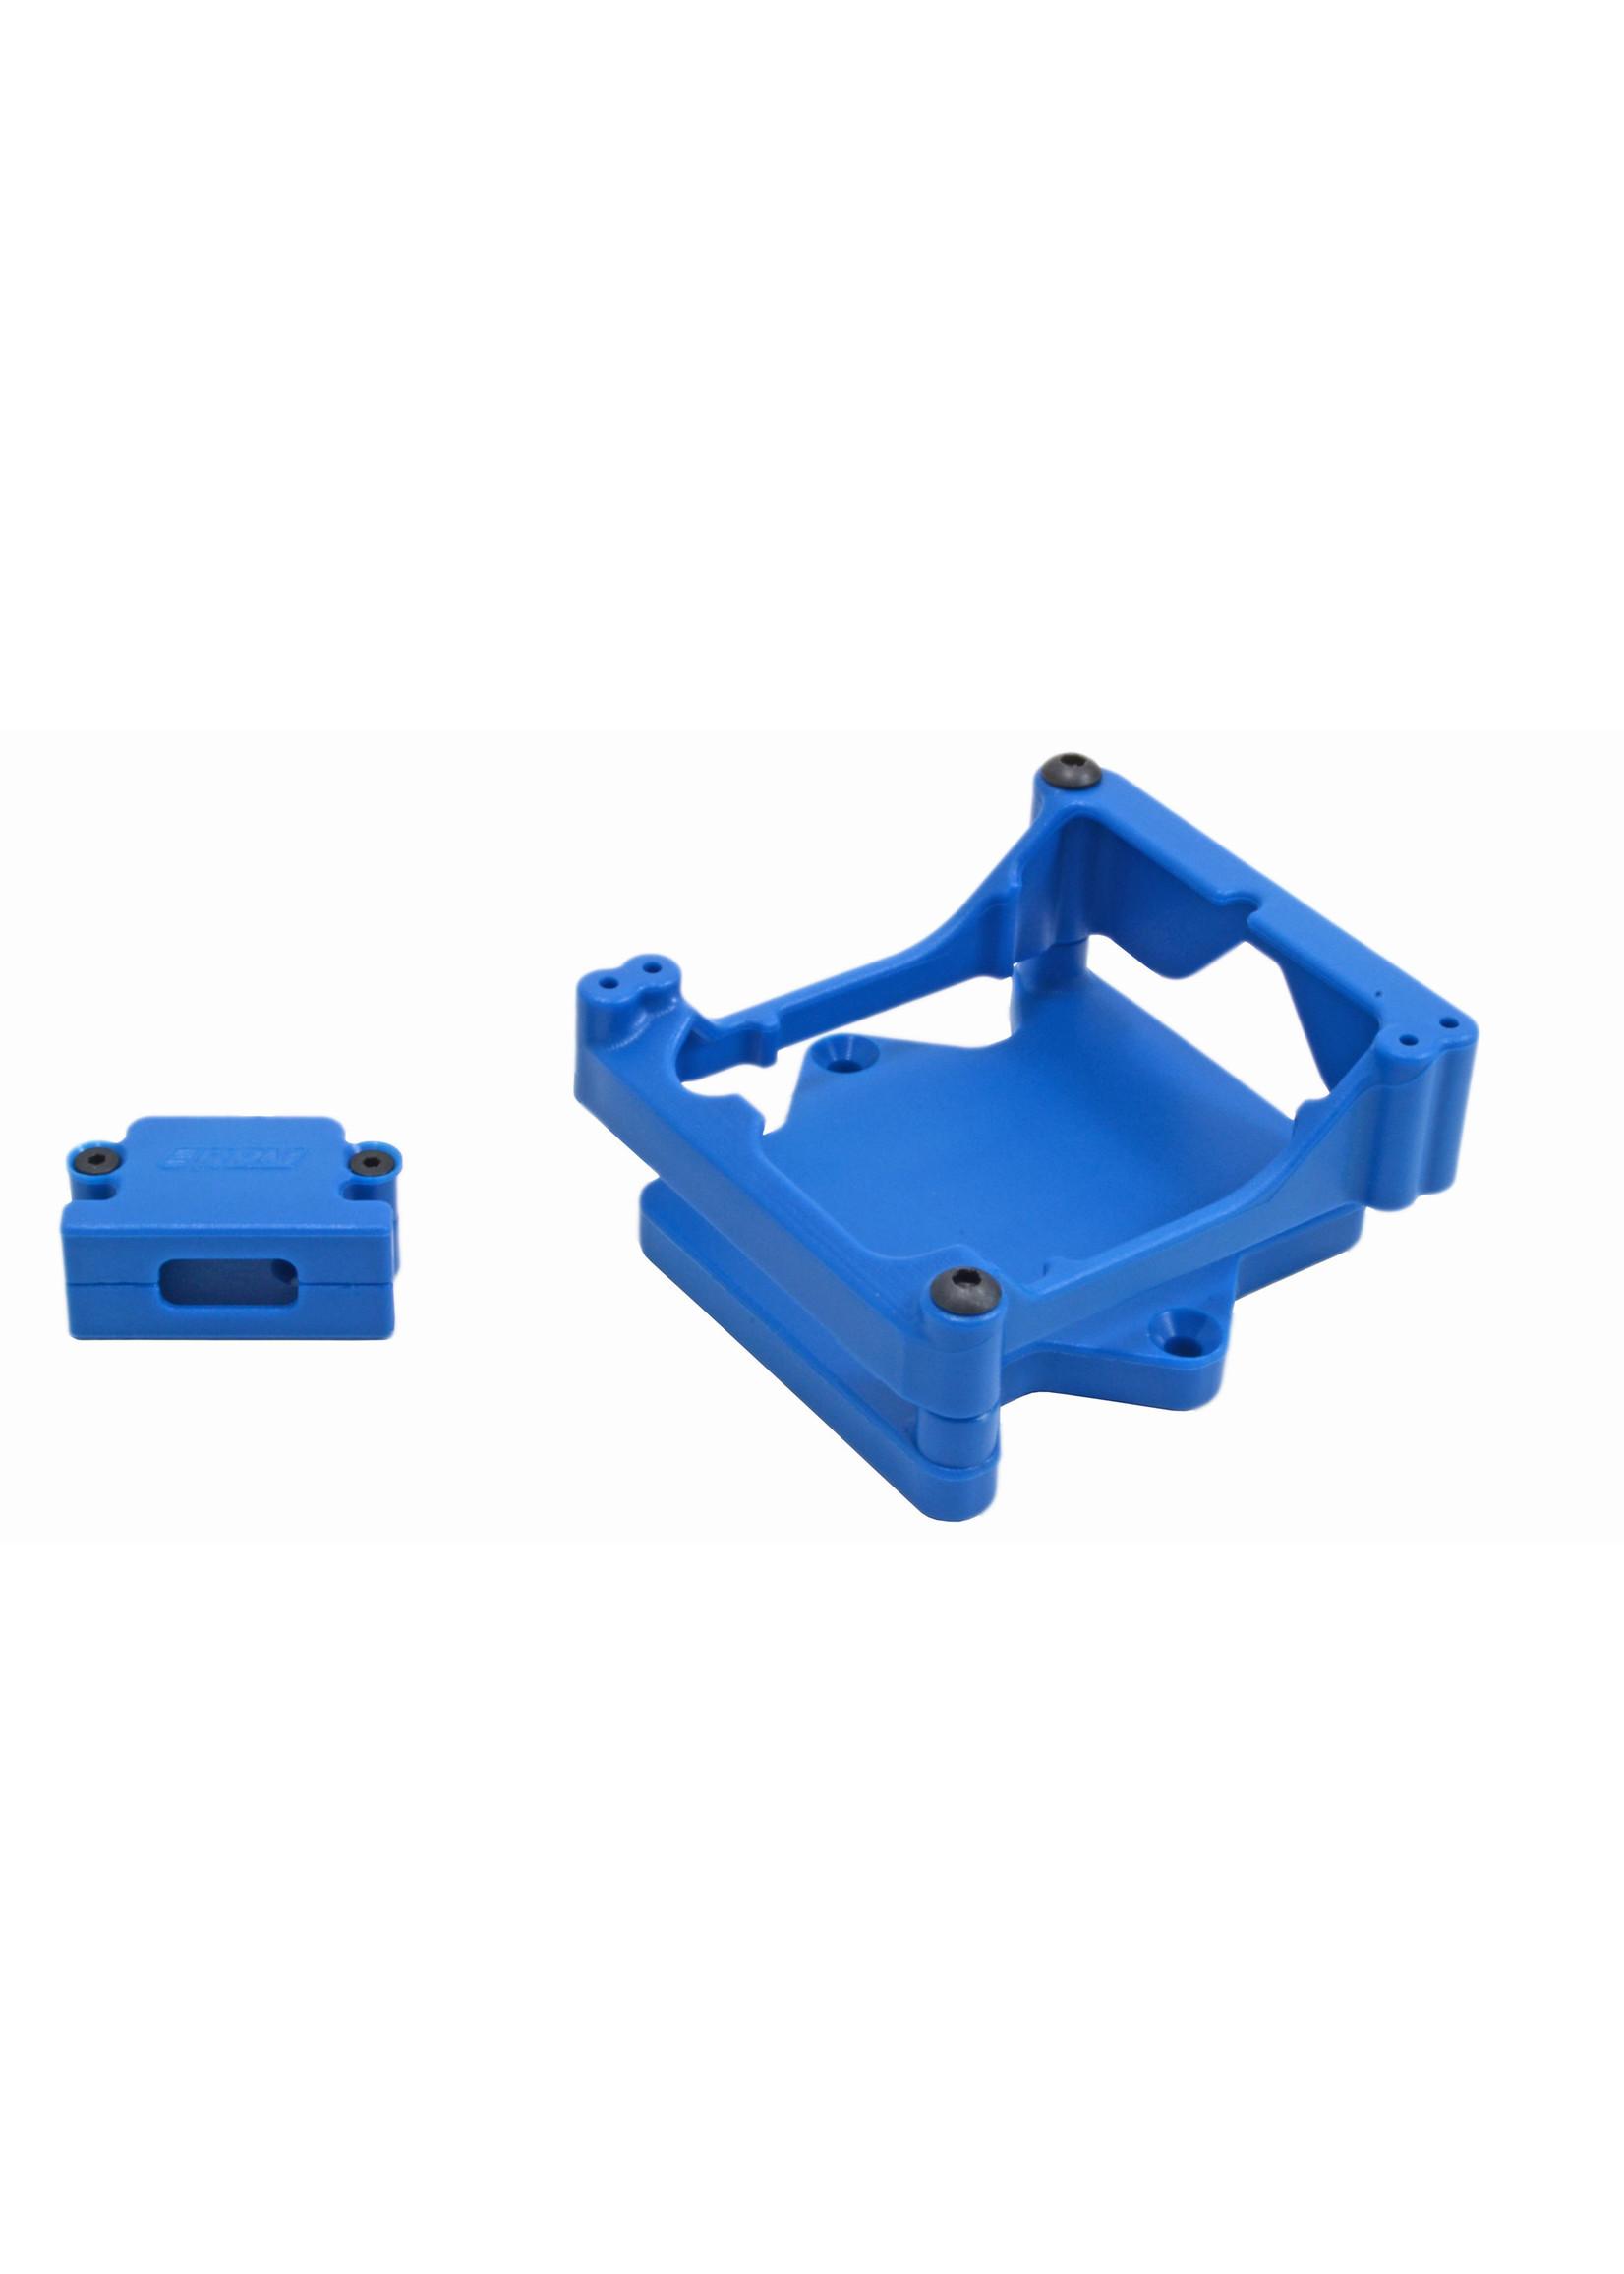 RPM RPM81325 RPM Blue ESC Cage for the Castle Sidewinder 4 ESC